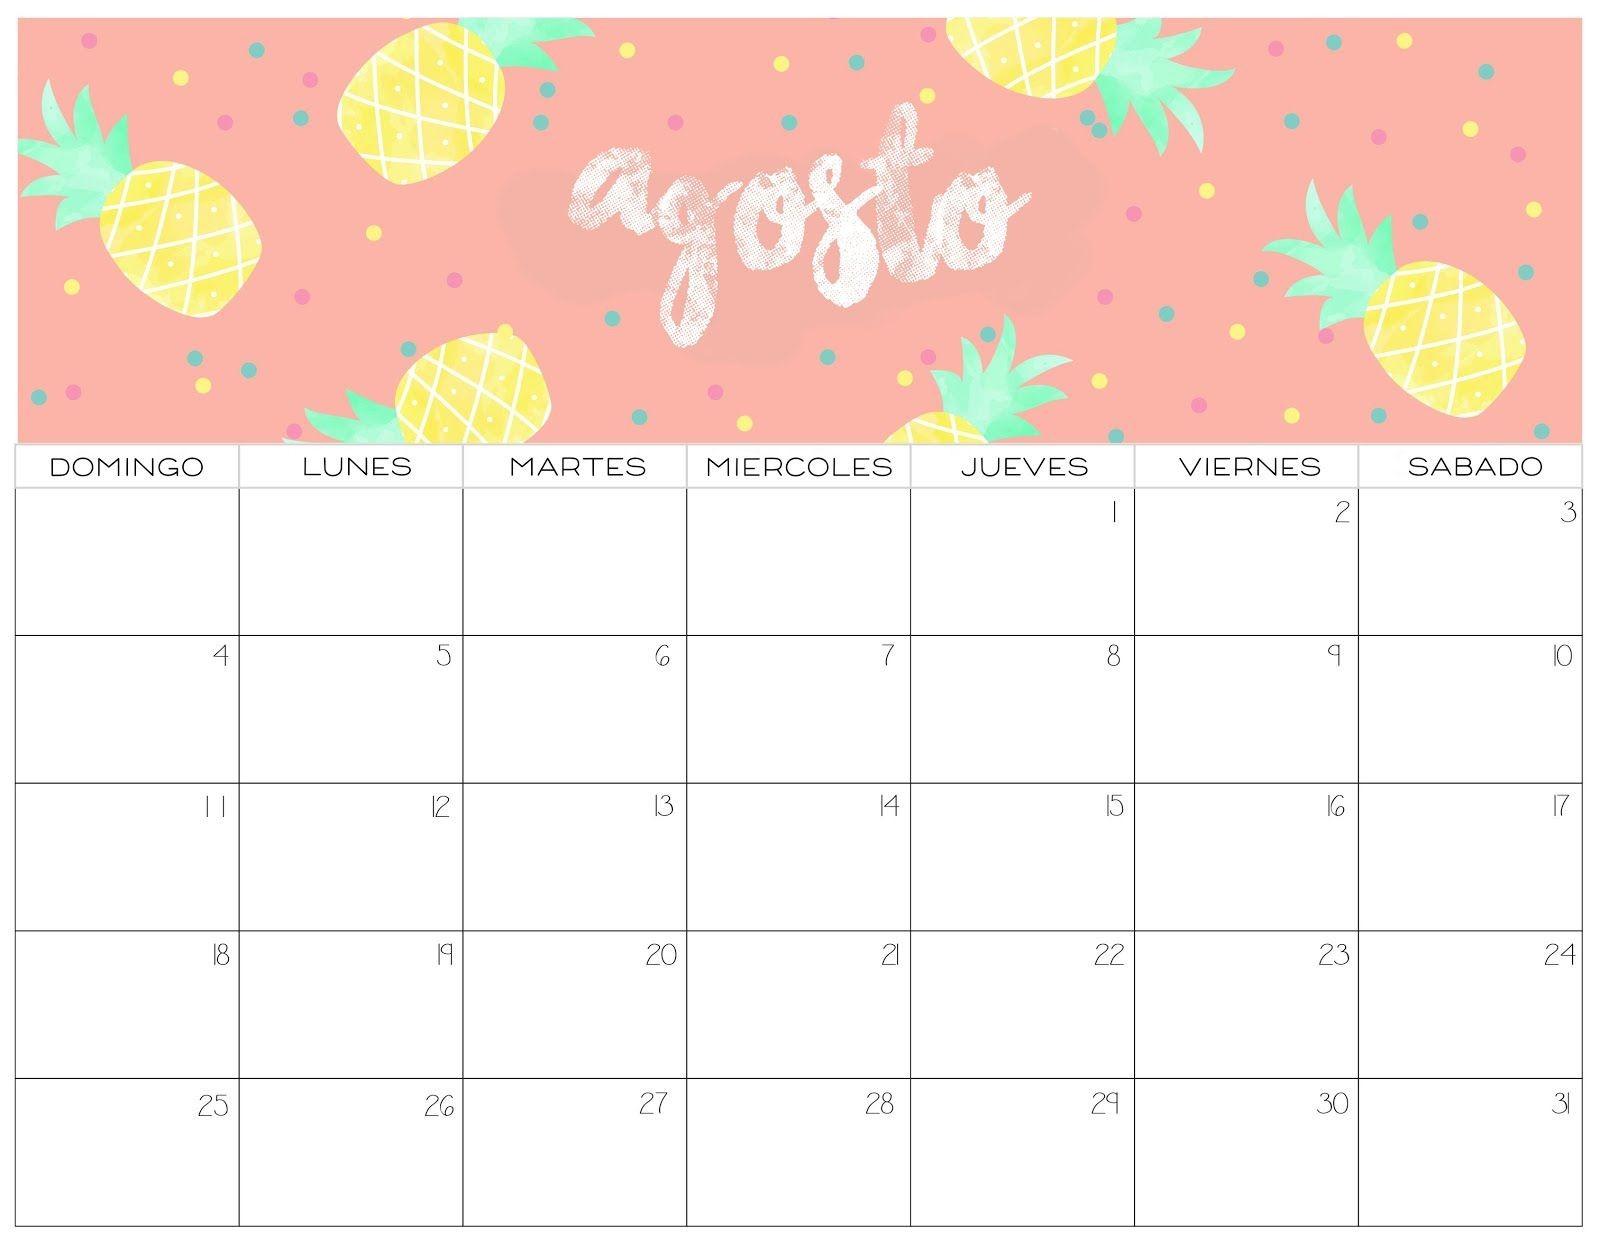 Calendario 2017 Imprimir Excel Más Populares Calendario 2019 Colorido 2 Estilos